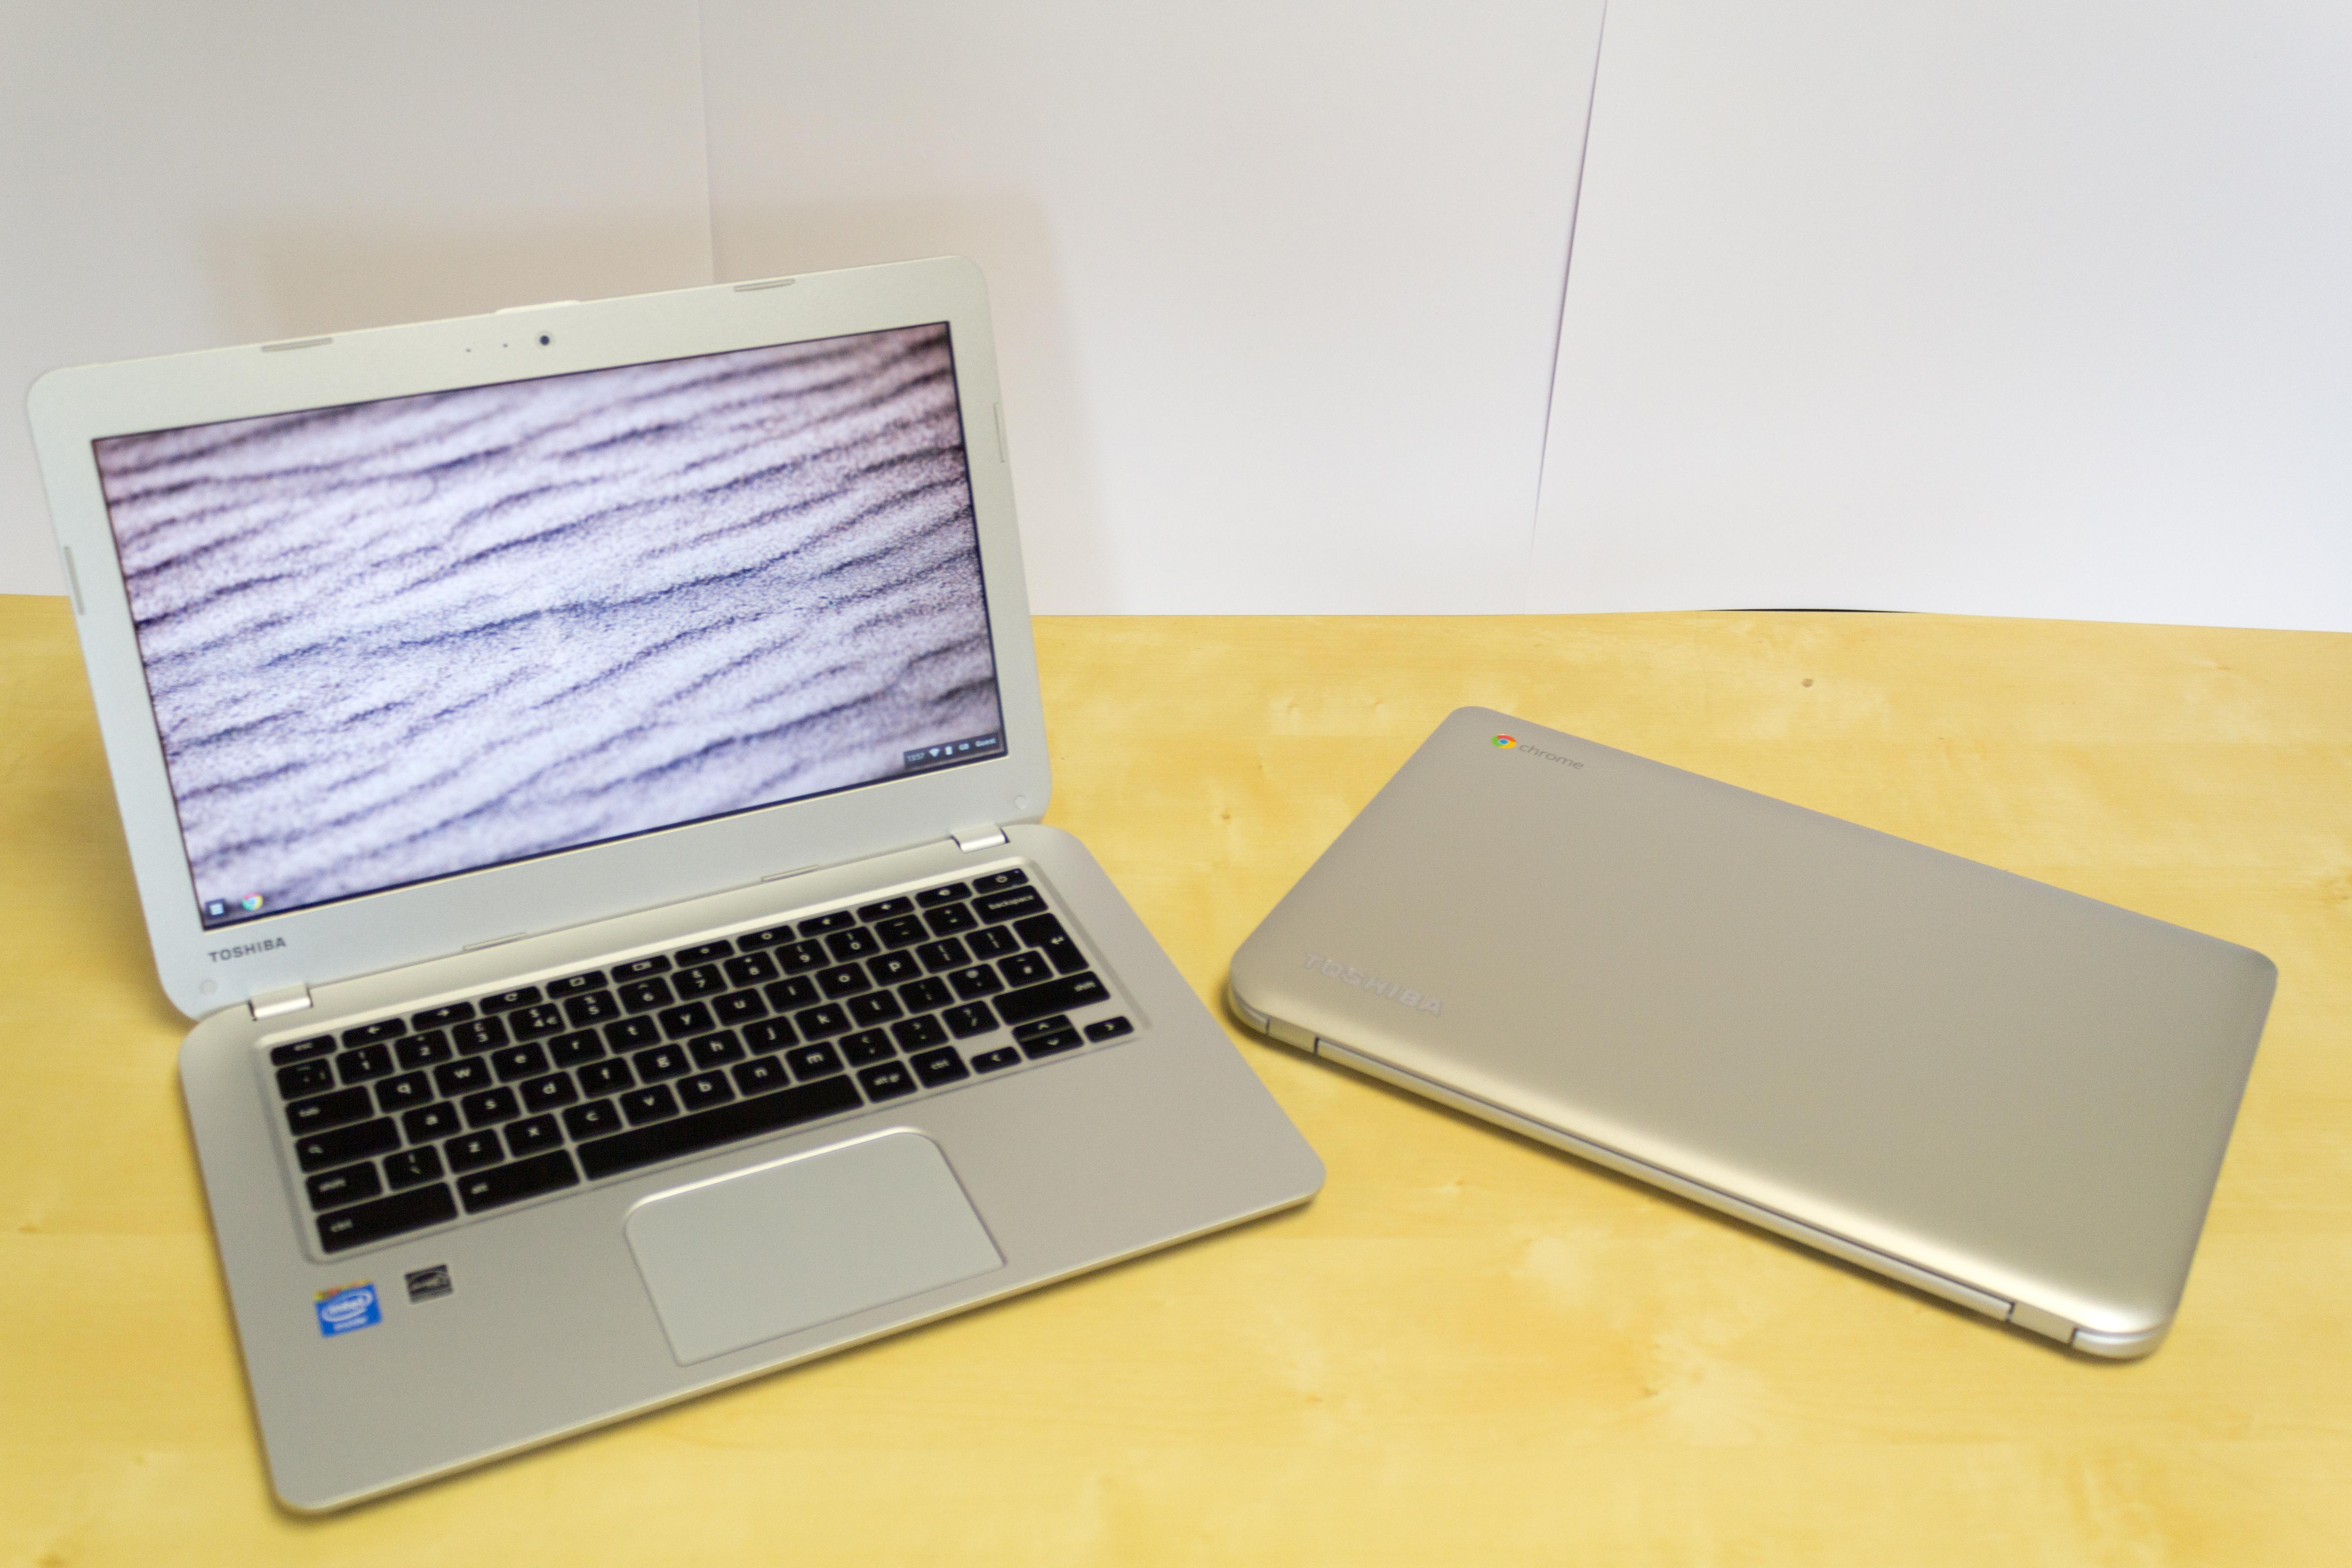 Toshibia Chromebook - Wikimedia